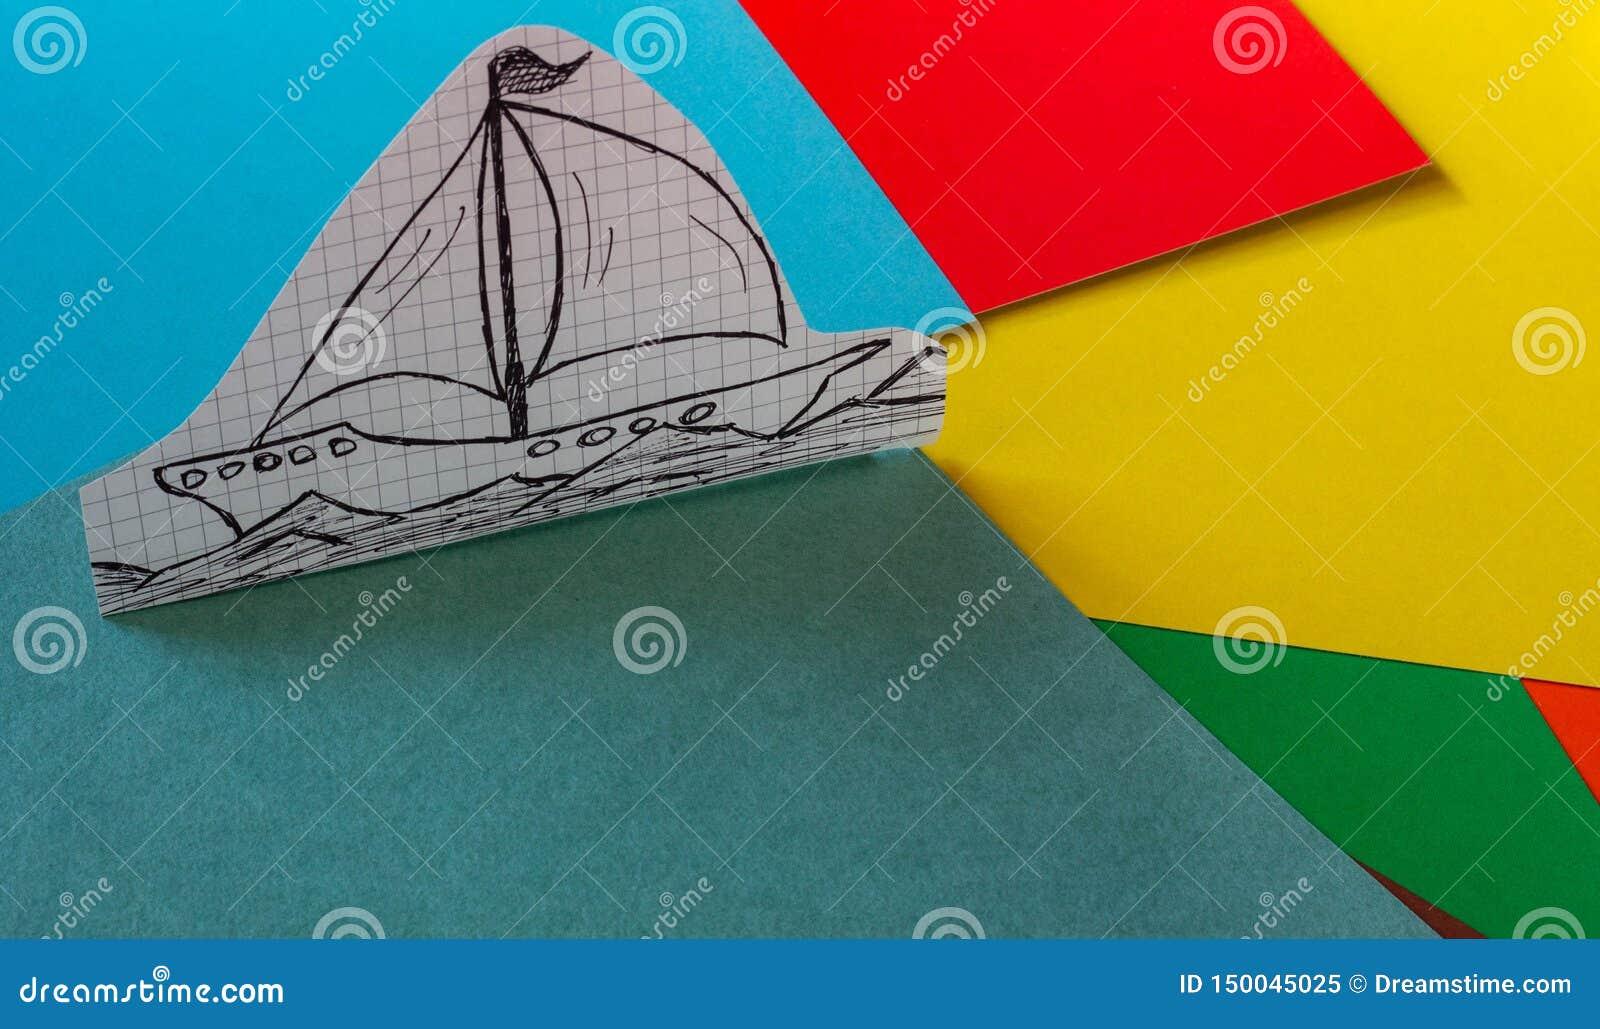 Ein einfaches Schiff gezeichnet auf Papierstände auf einer mehrfarbigen Pappe